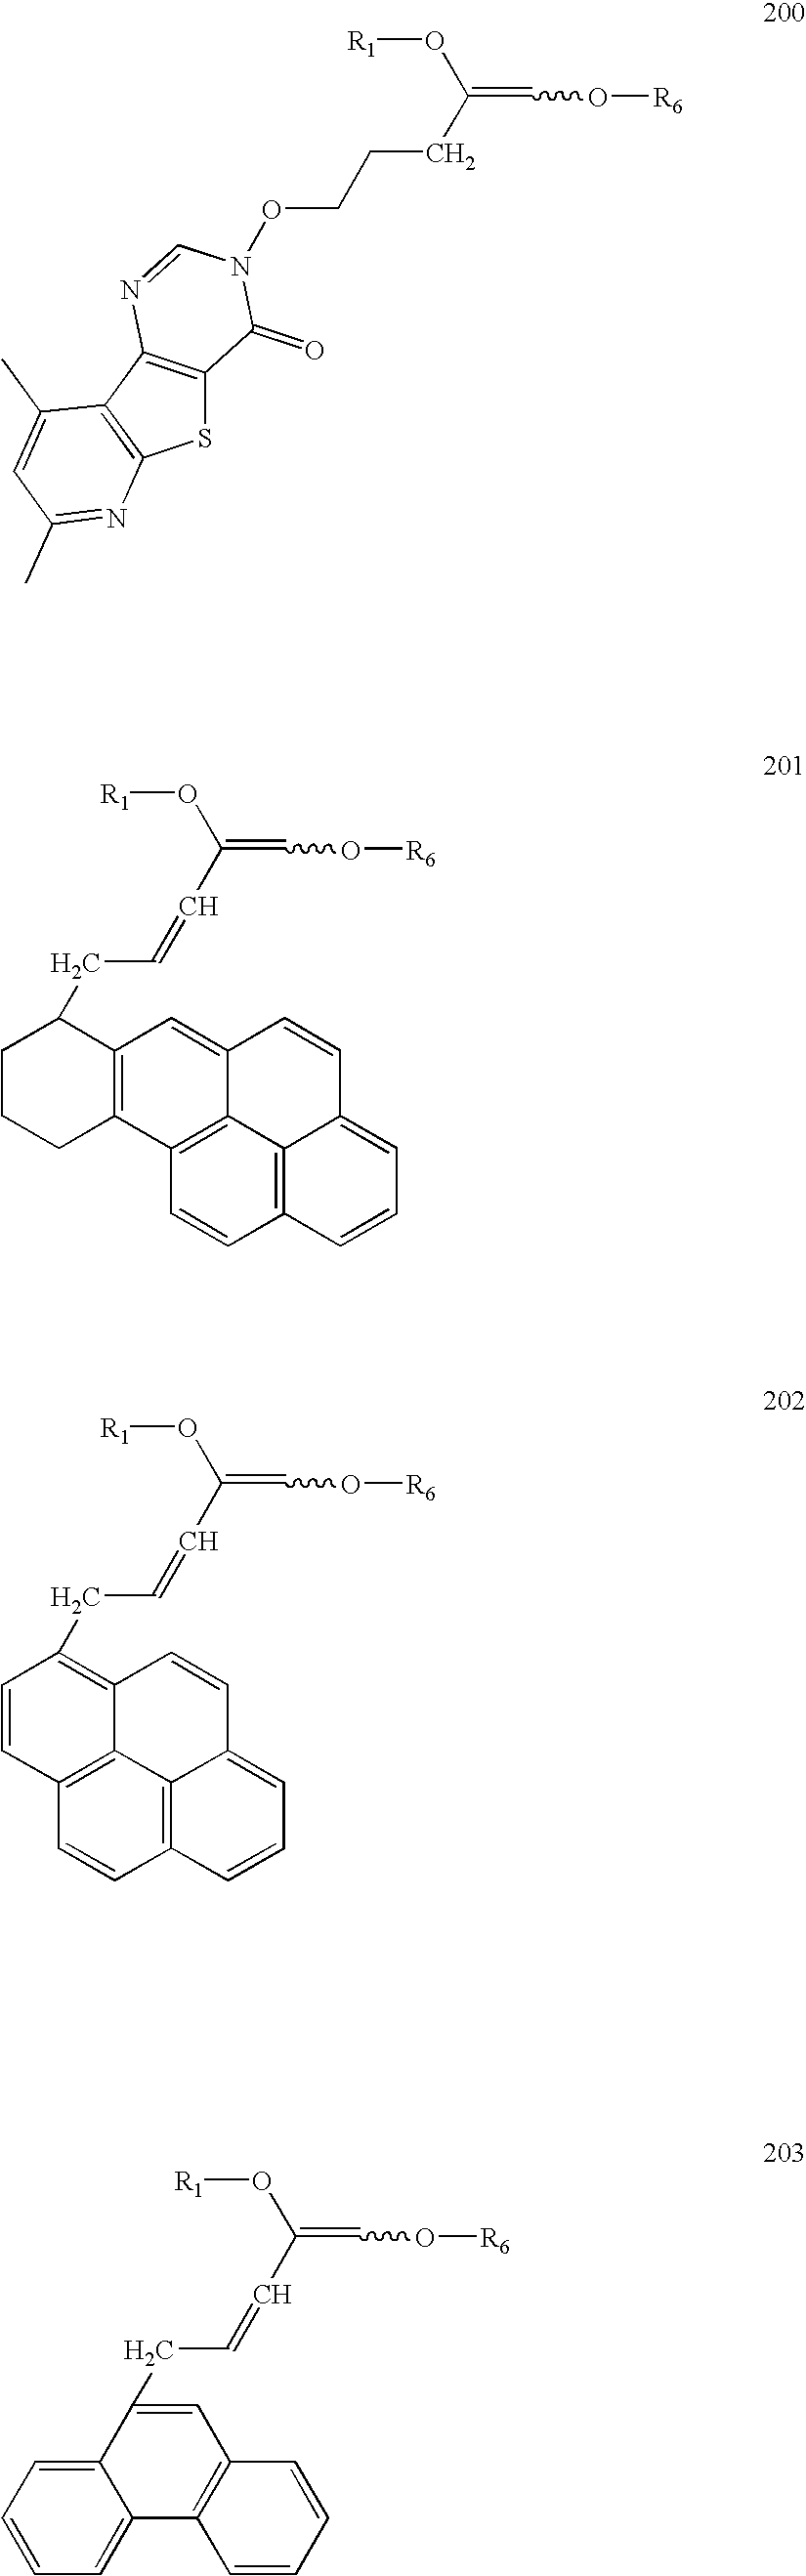 Figure US20060014144A1-20060119-C00132